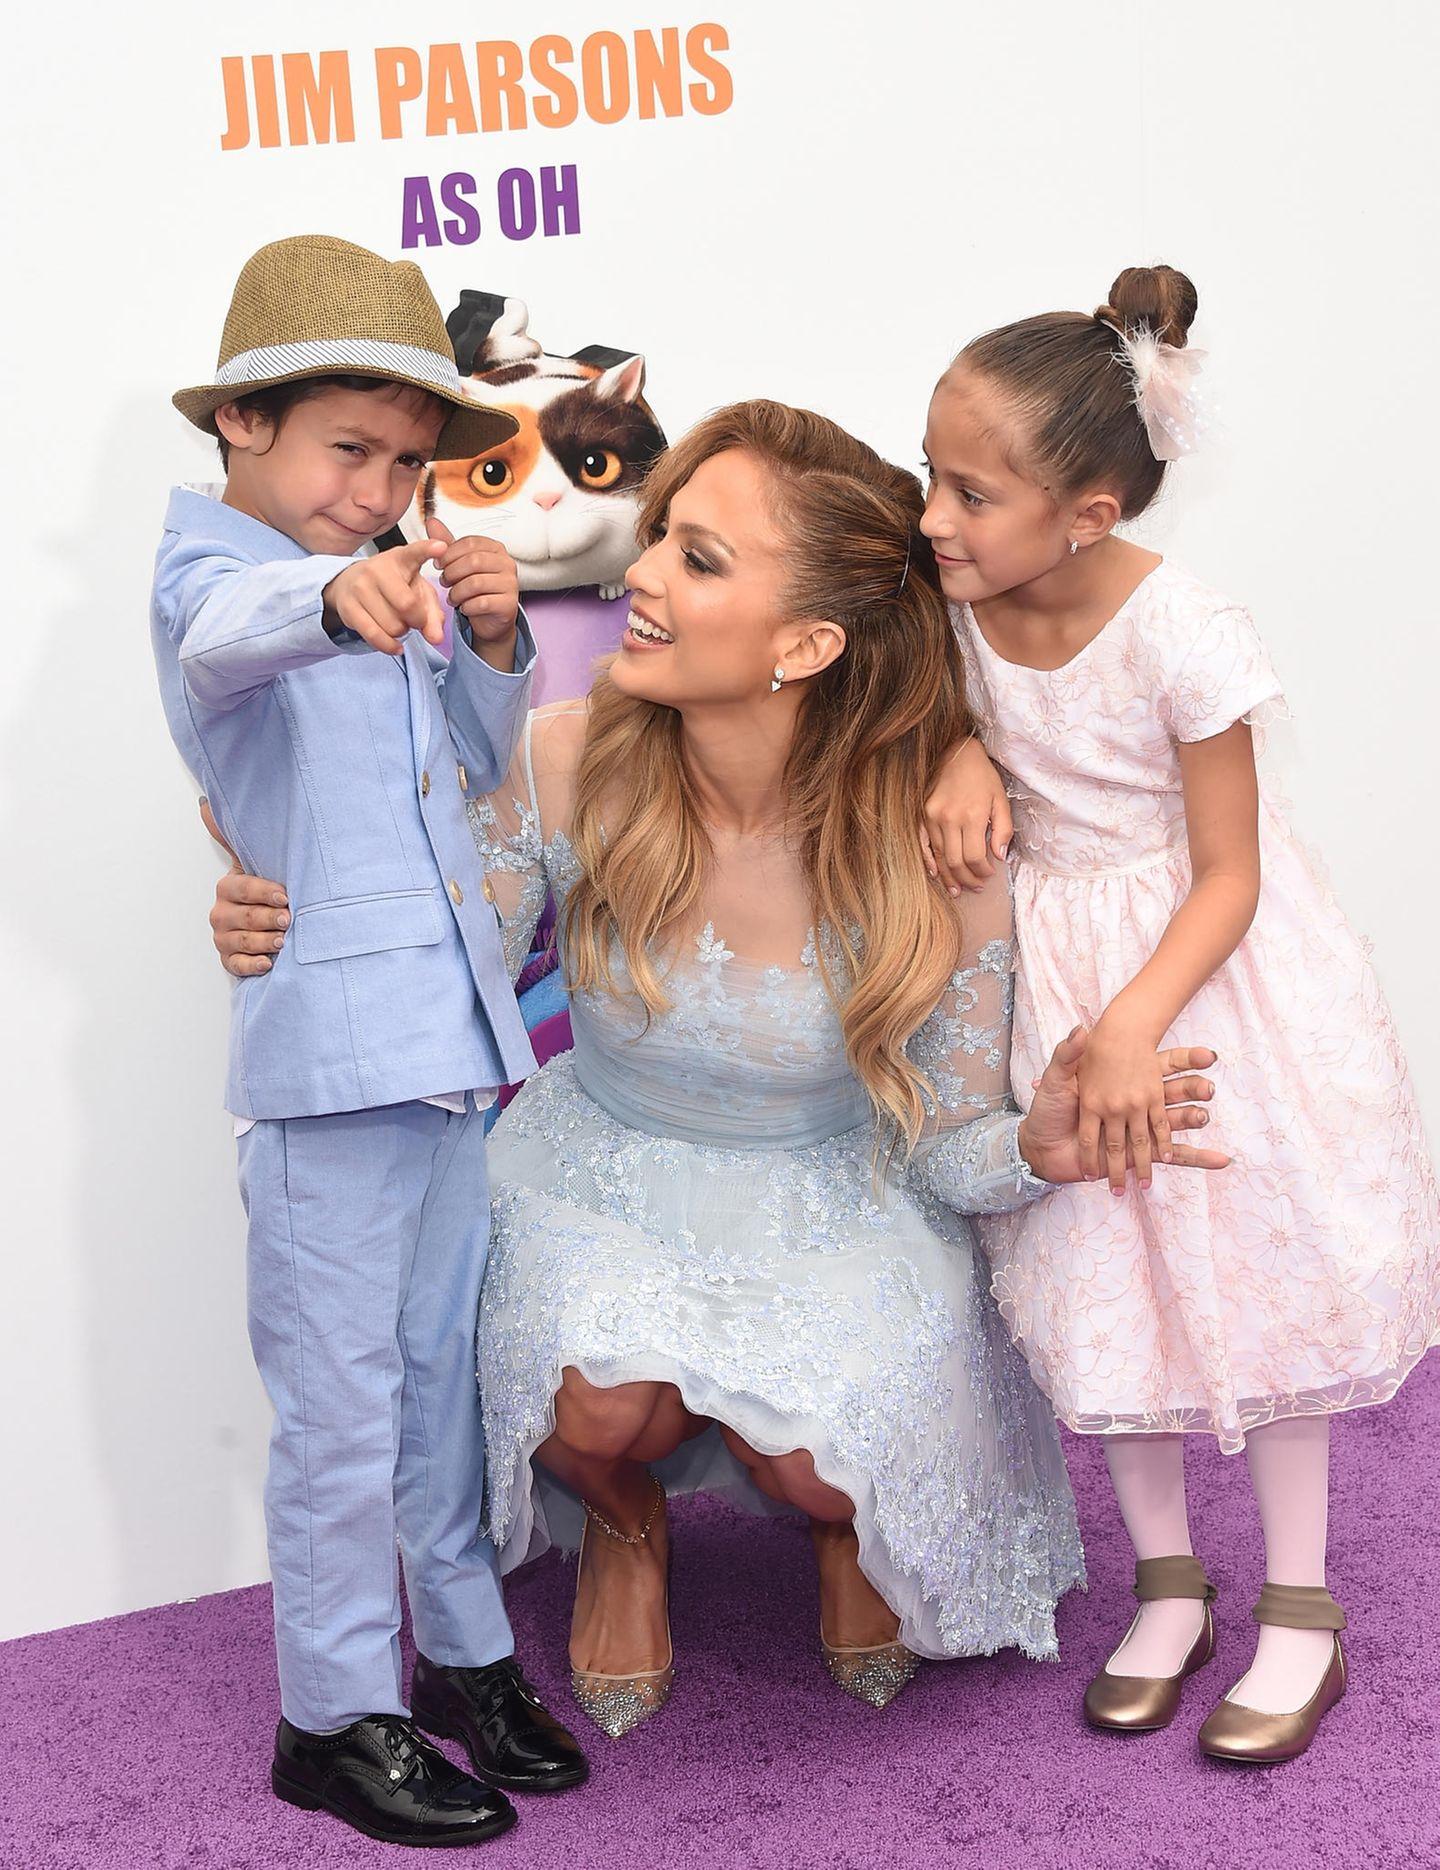 Wie süß! Jennifer Lopez und ihre Zwillinge Emme und Max haben sich richtig schick gemacht und die Pastellfarben aufeinander abgestimmt. Die Zwillinge kamen am 22. Februar 2008 auf die Welt und stammen aus J'Los Beziehung mit Marc Anthony.